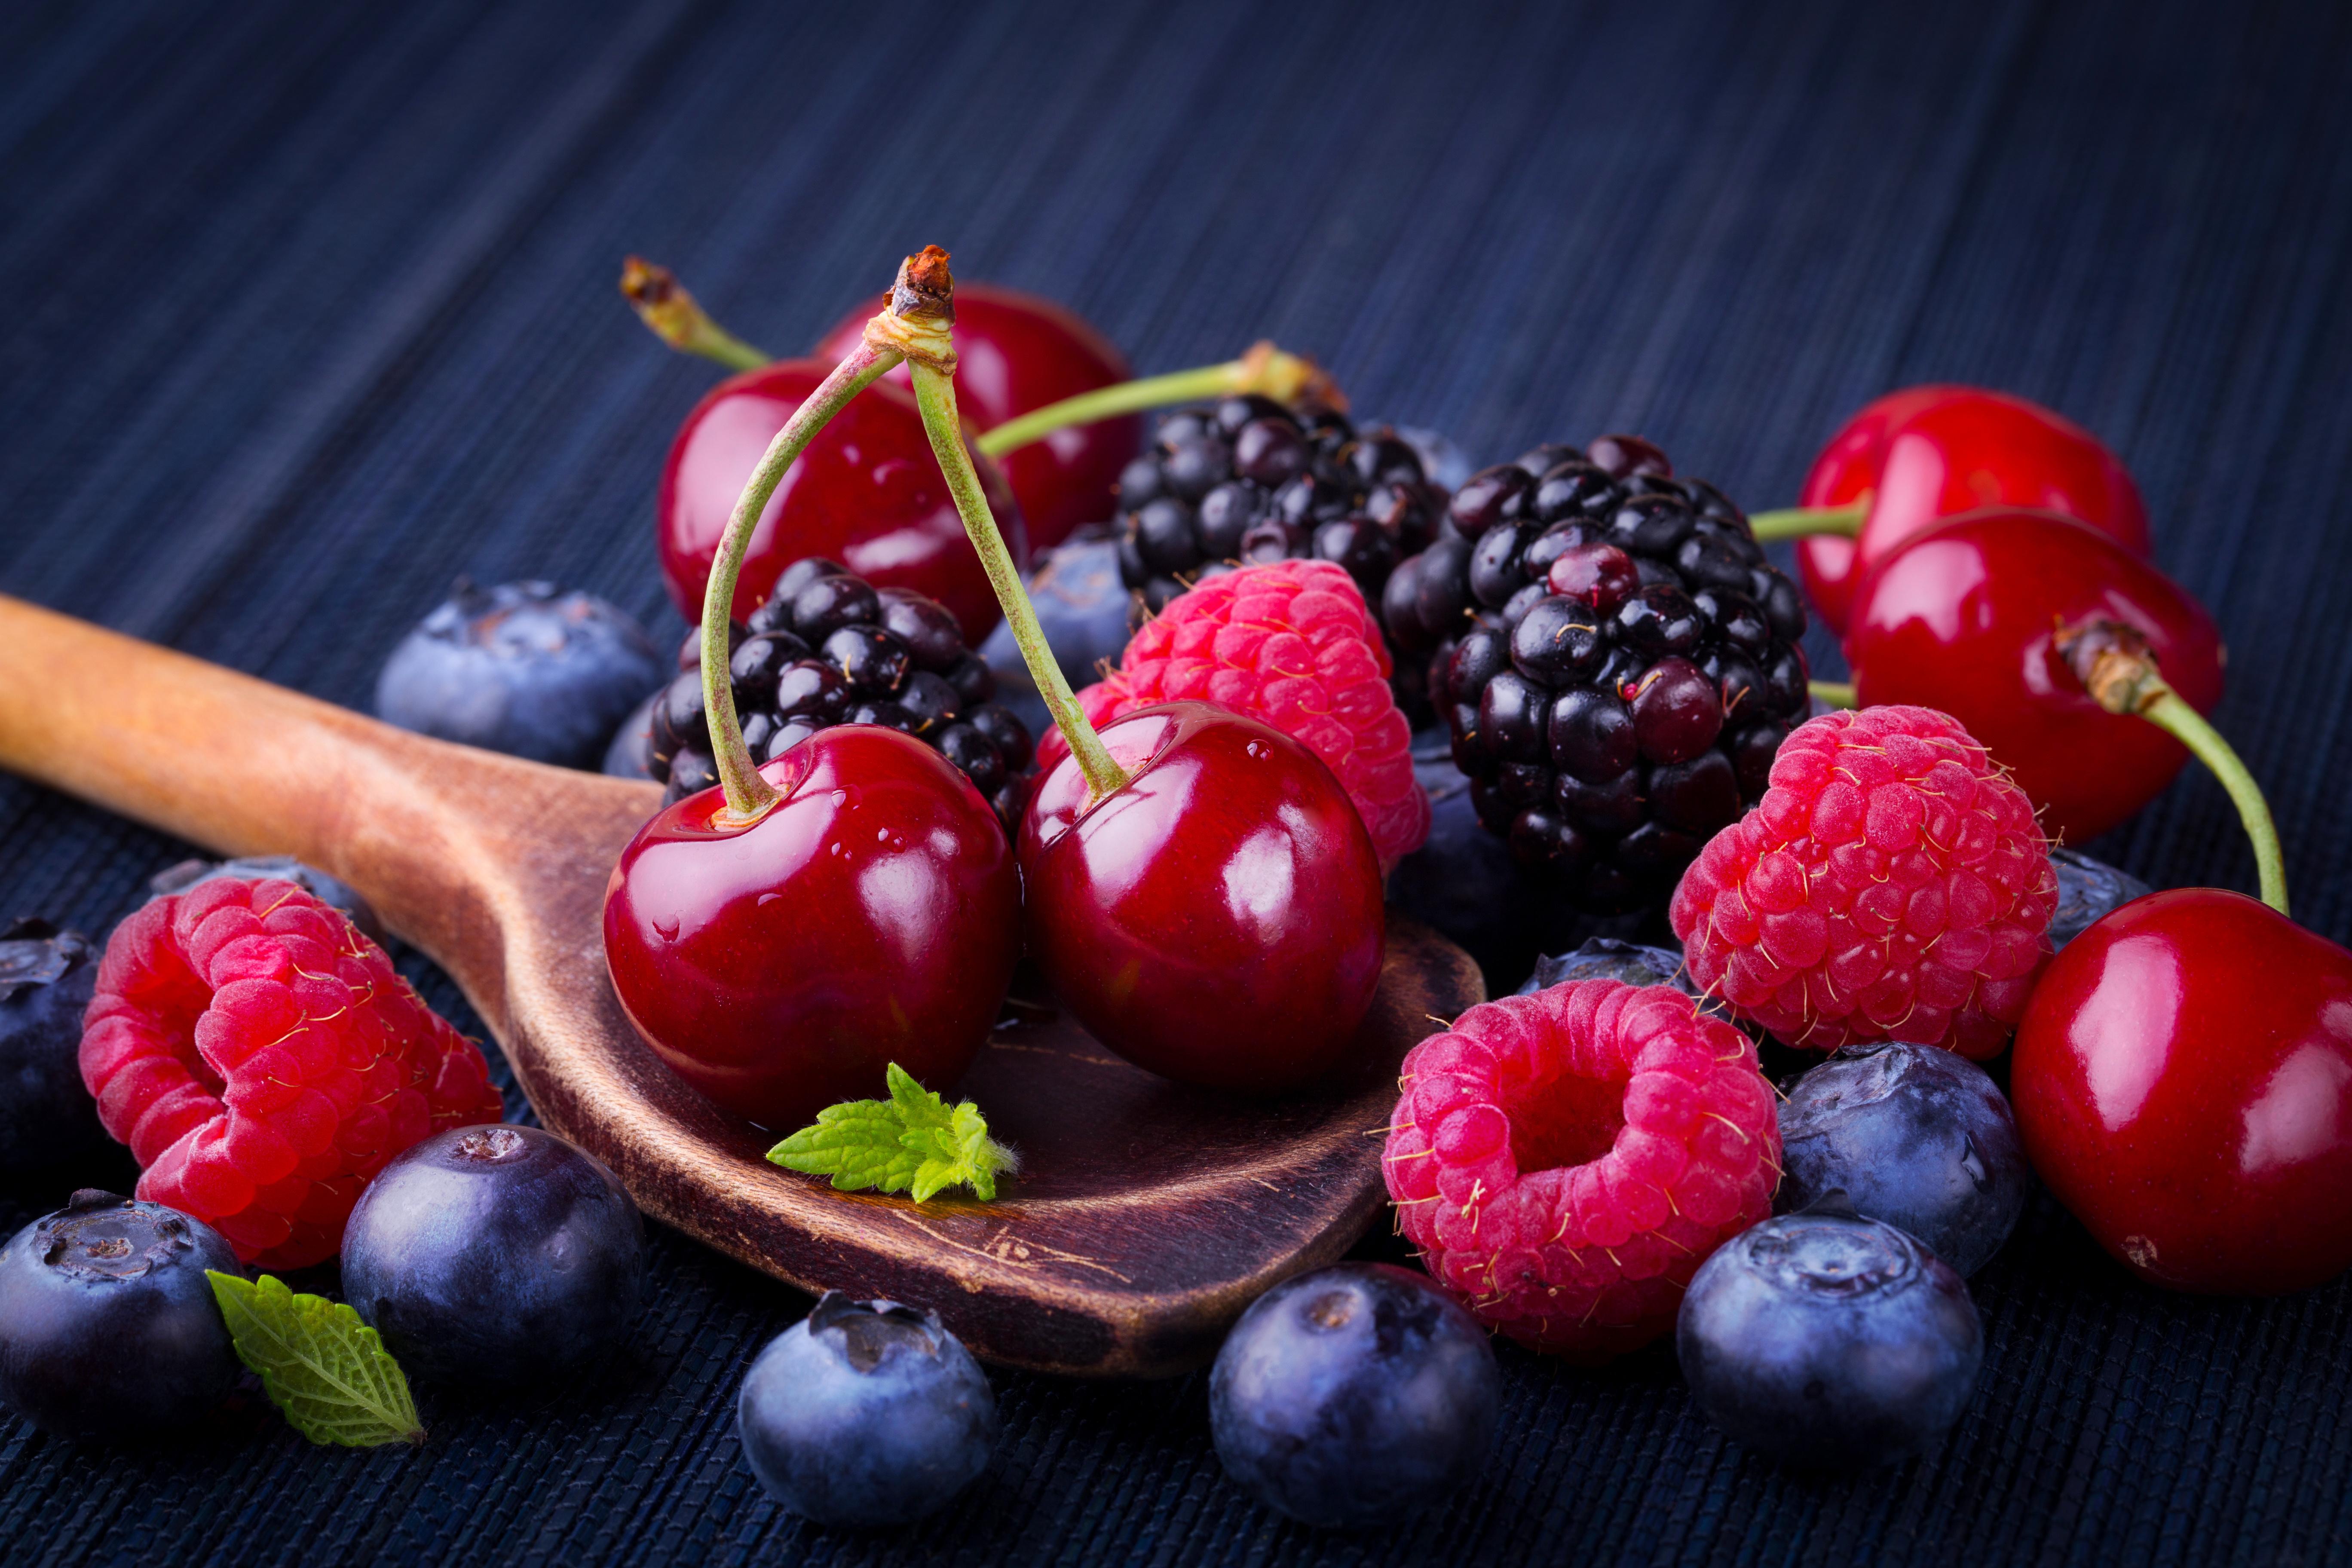 Обои на рабочий стол ягоды малины